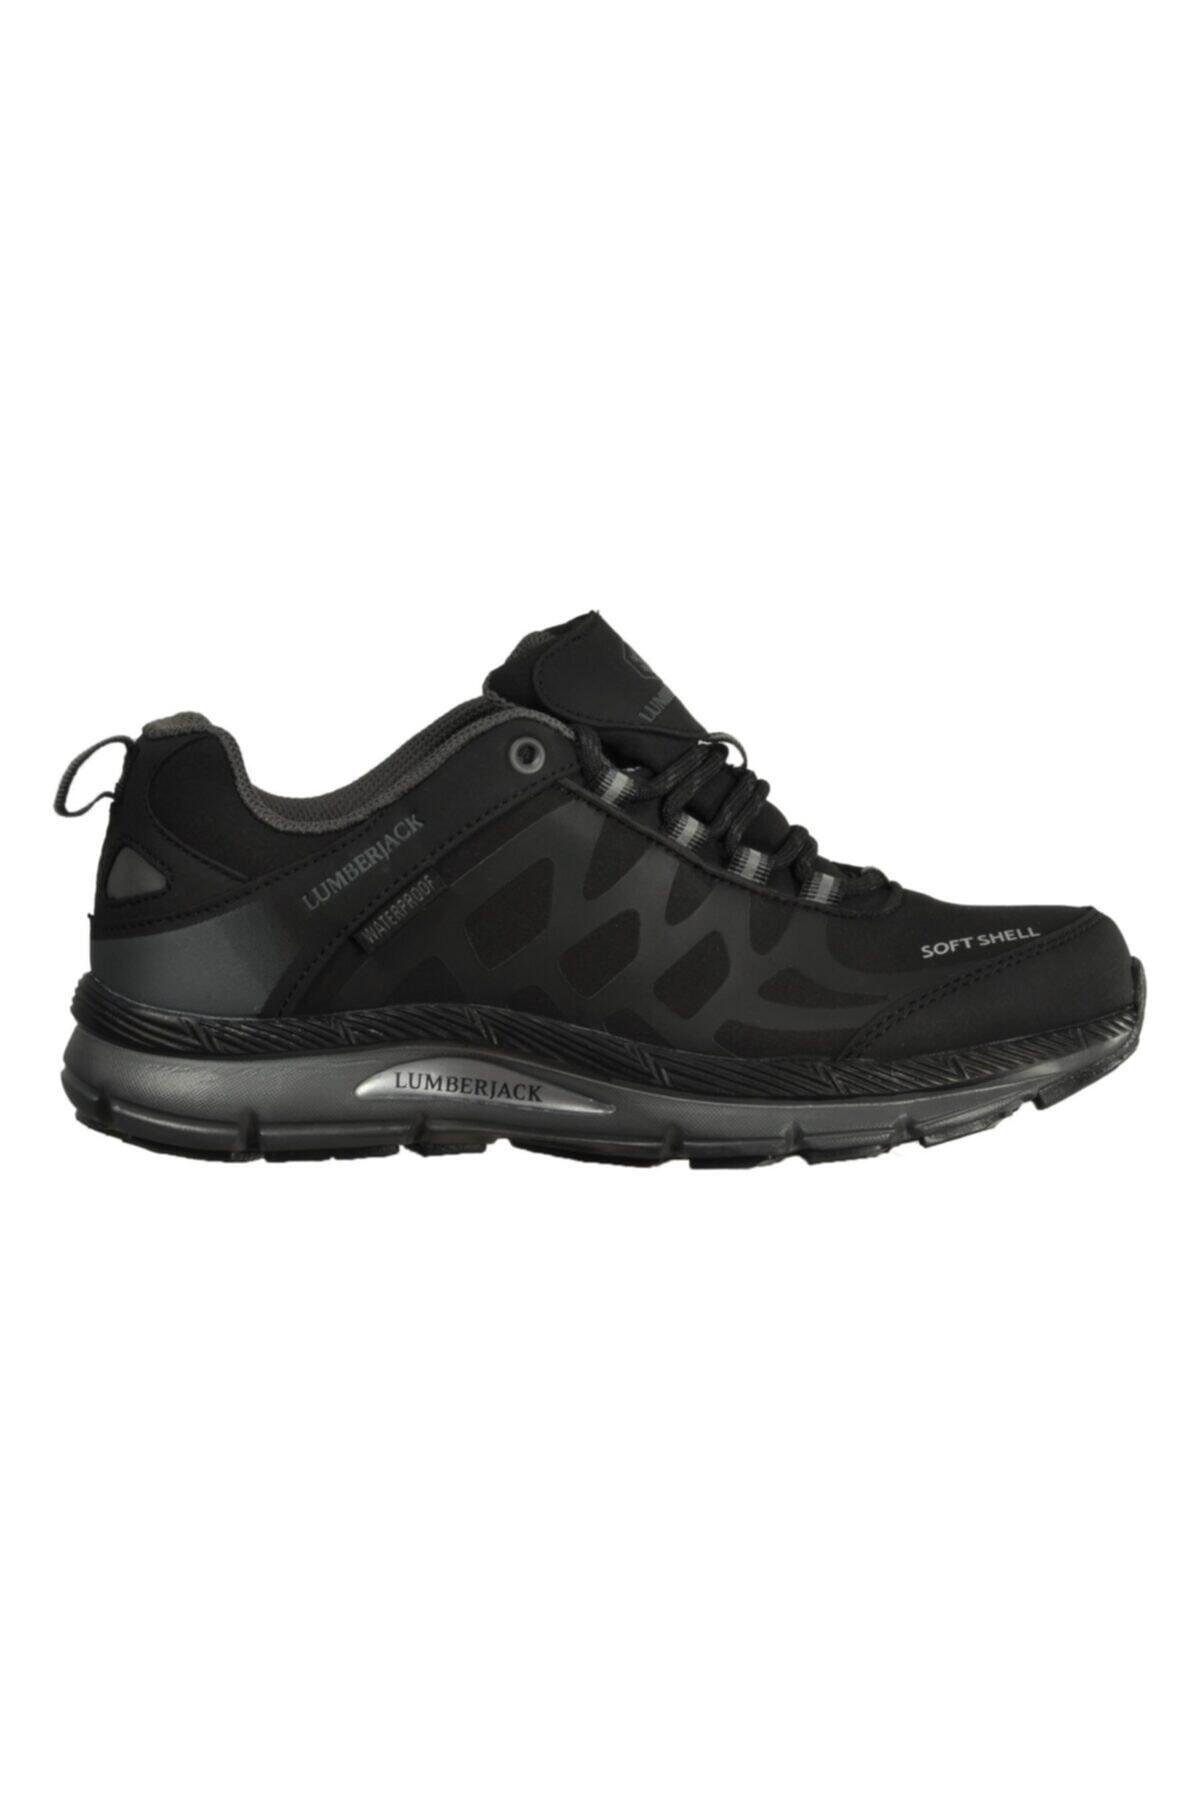 lumberjack Kadın Siyah Ursa Waterproof Outdoor Ayakkabı 1